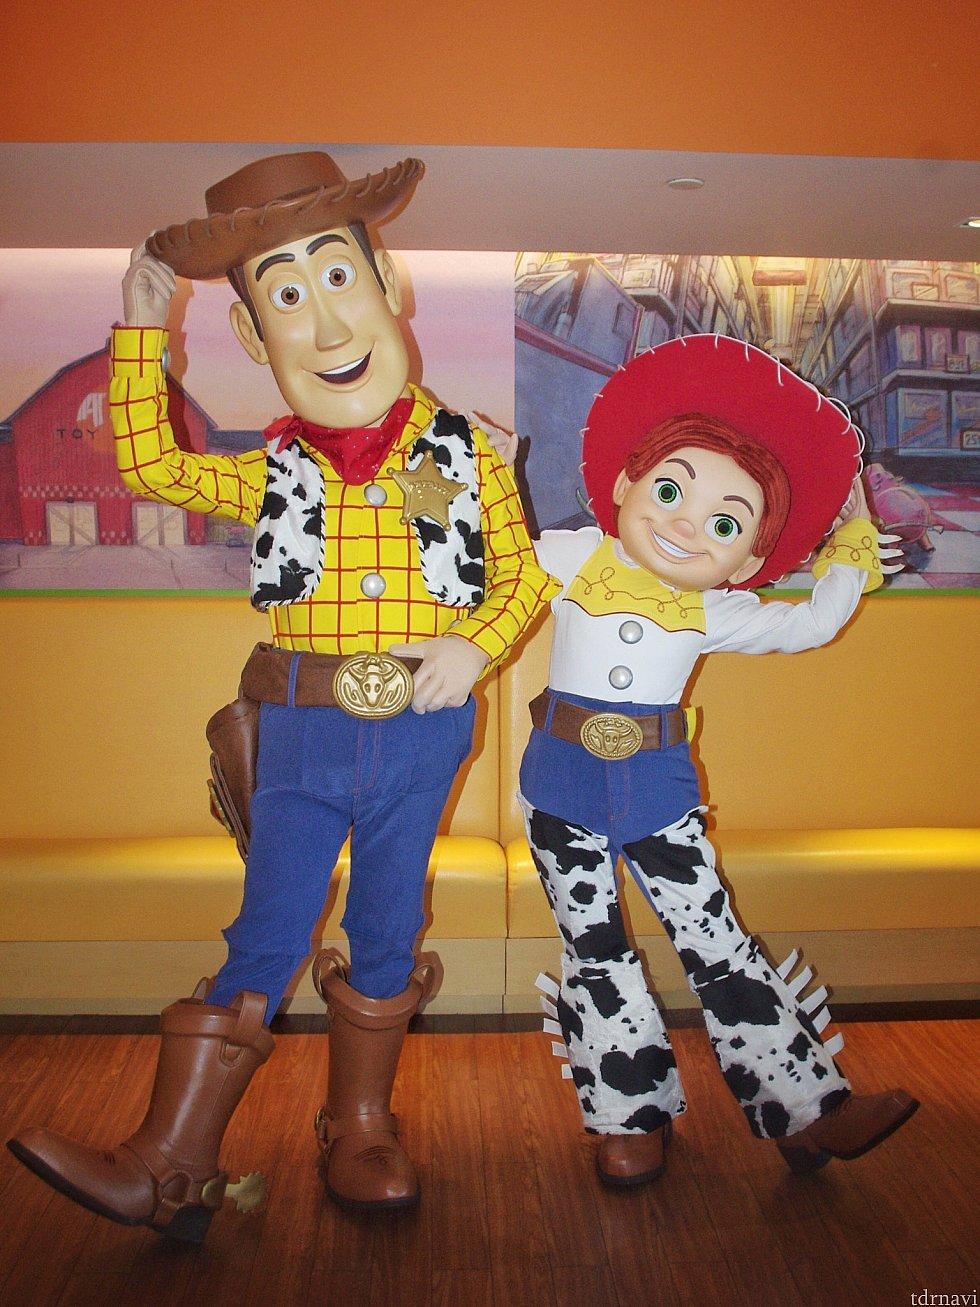 ウッディ&ジェシー!私が持っていたバズのぬいぐるみを見て、ウッディがジェシーをからかっていました(笑)